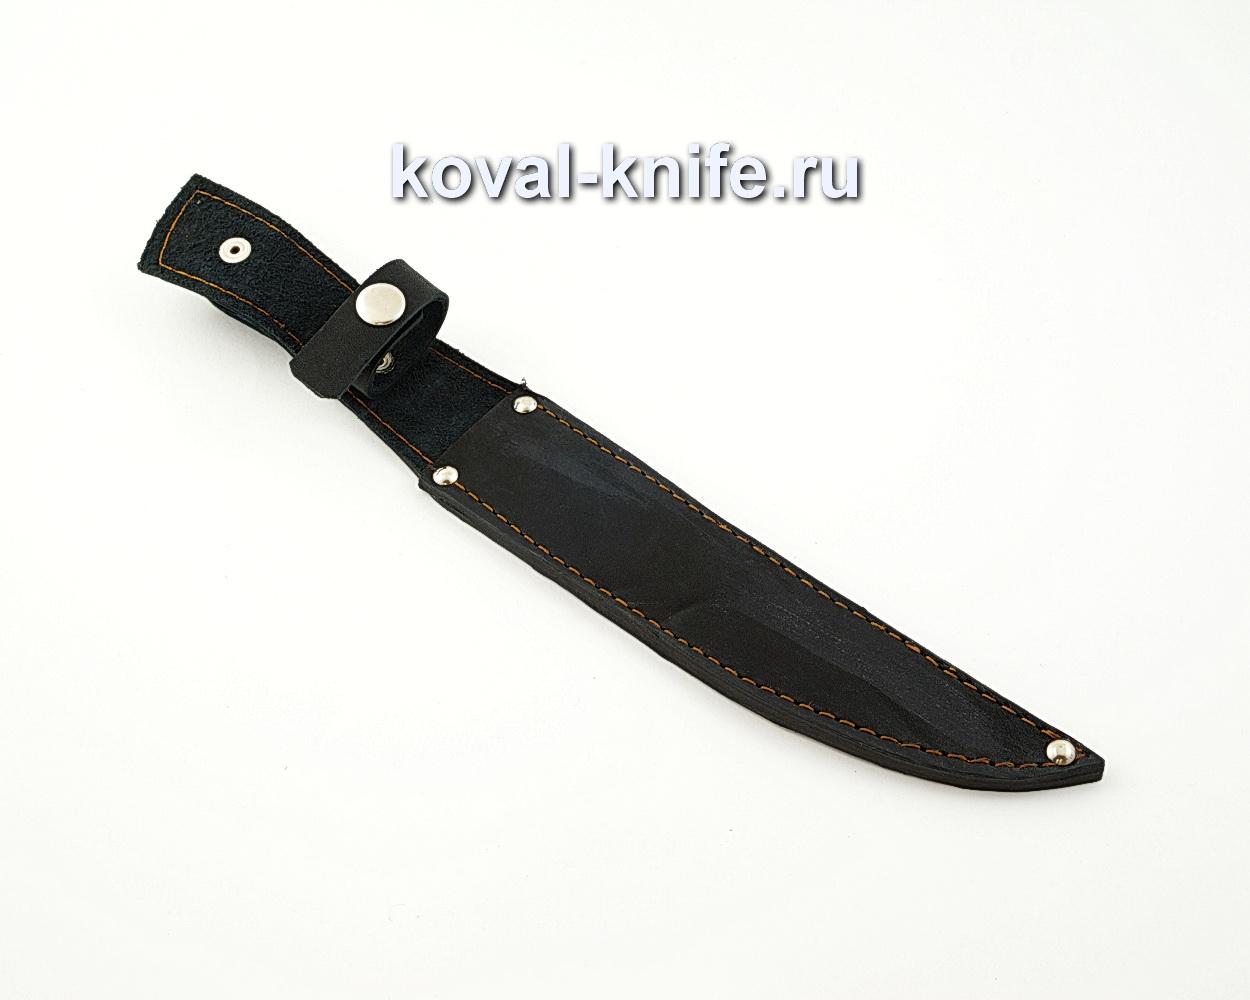 Кожаный чехол (нож Филейный)